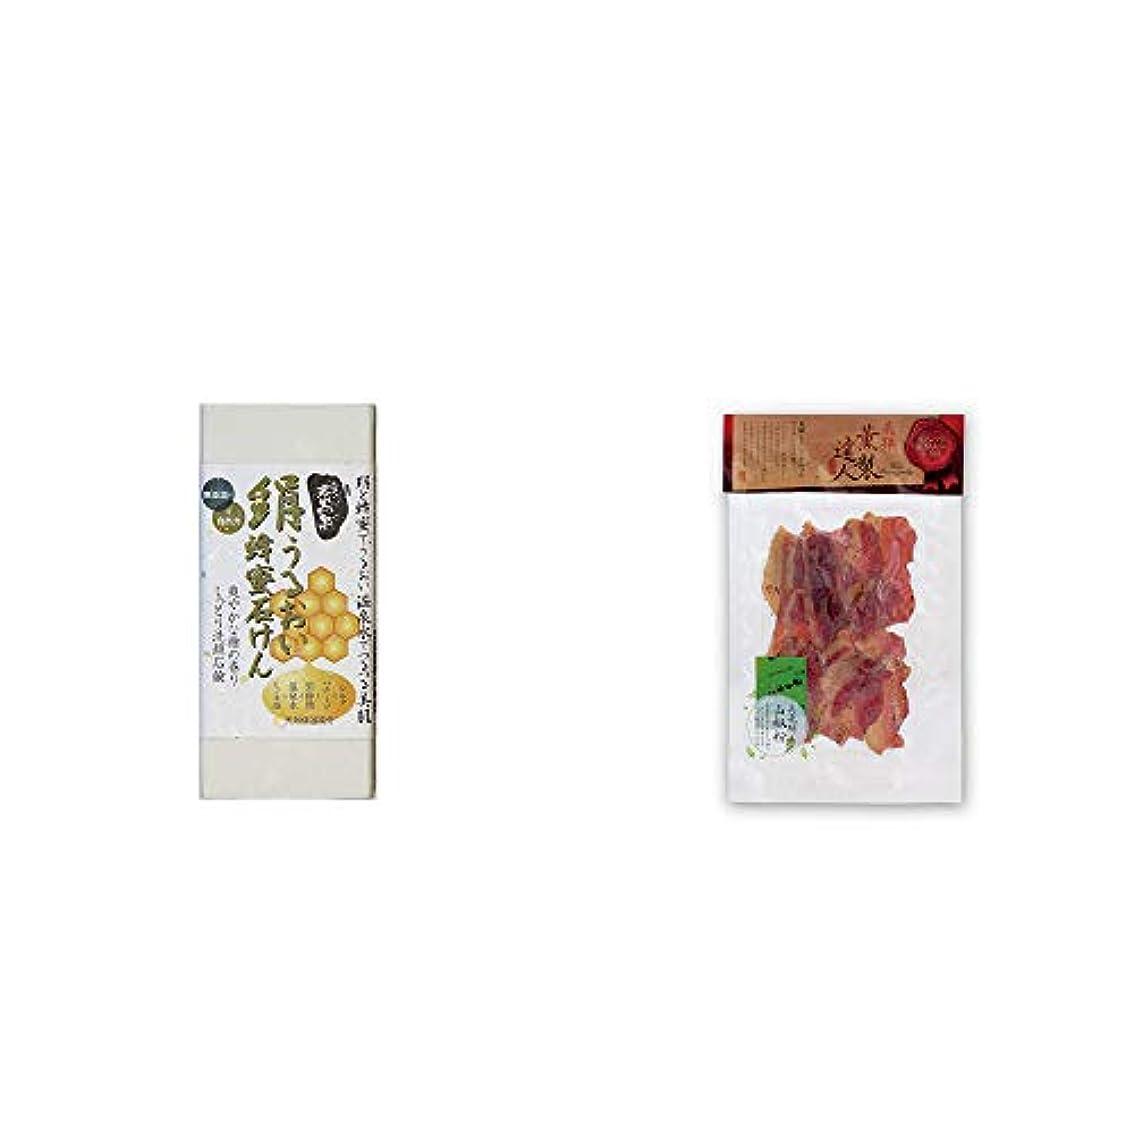 アルプス貧困時計回り[2点セット] ひのき炭黒泉 絹うるおい蜂蜜石けん(75g×2)?薫製達人 豚バラベーコン燻製(60g)[飛騨山椒付き]